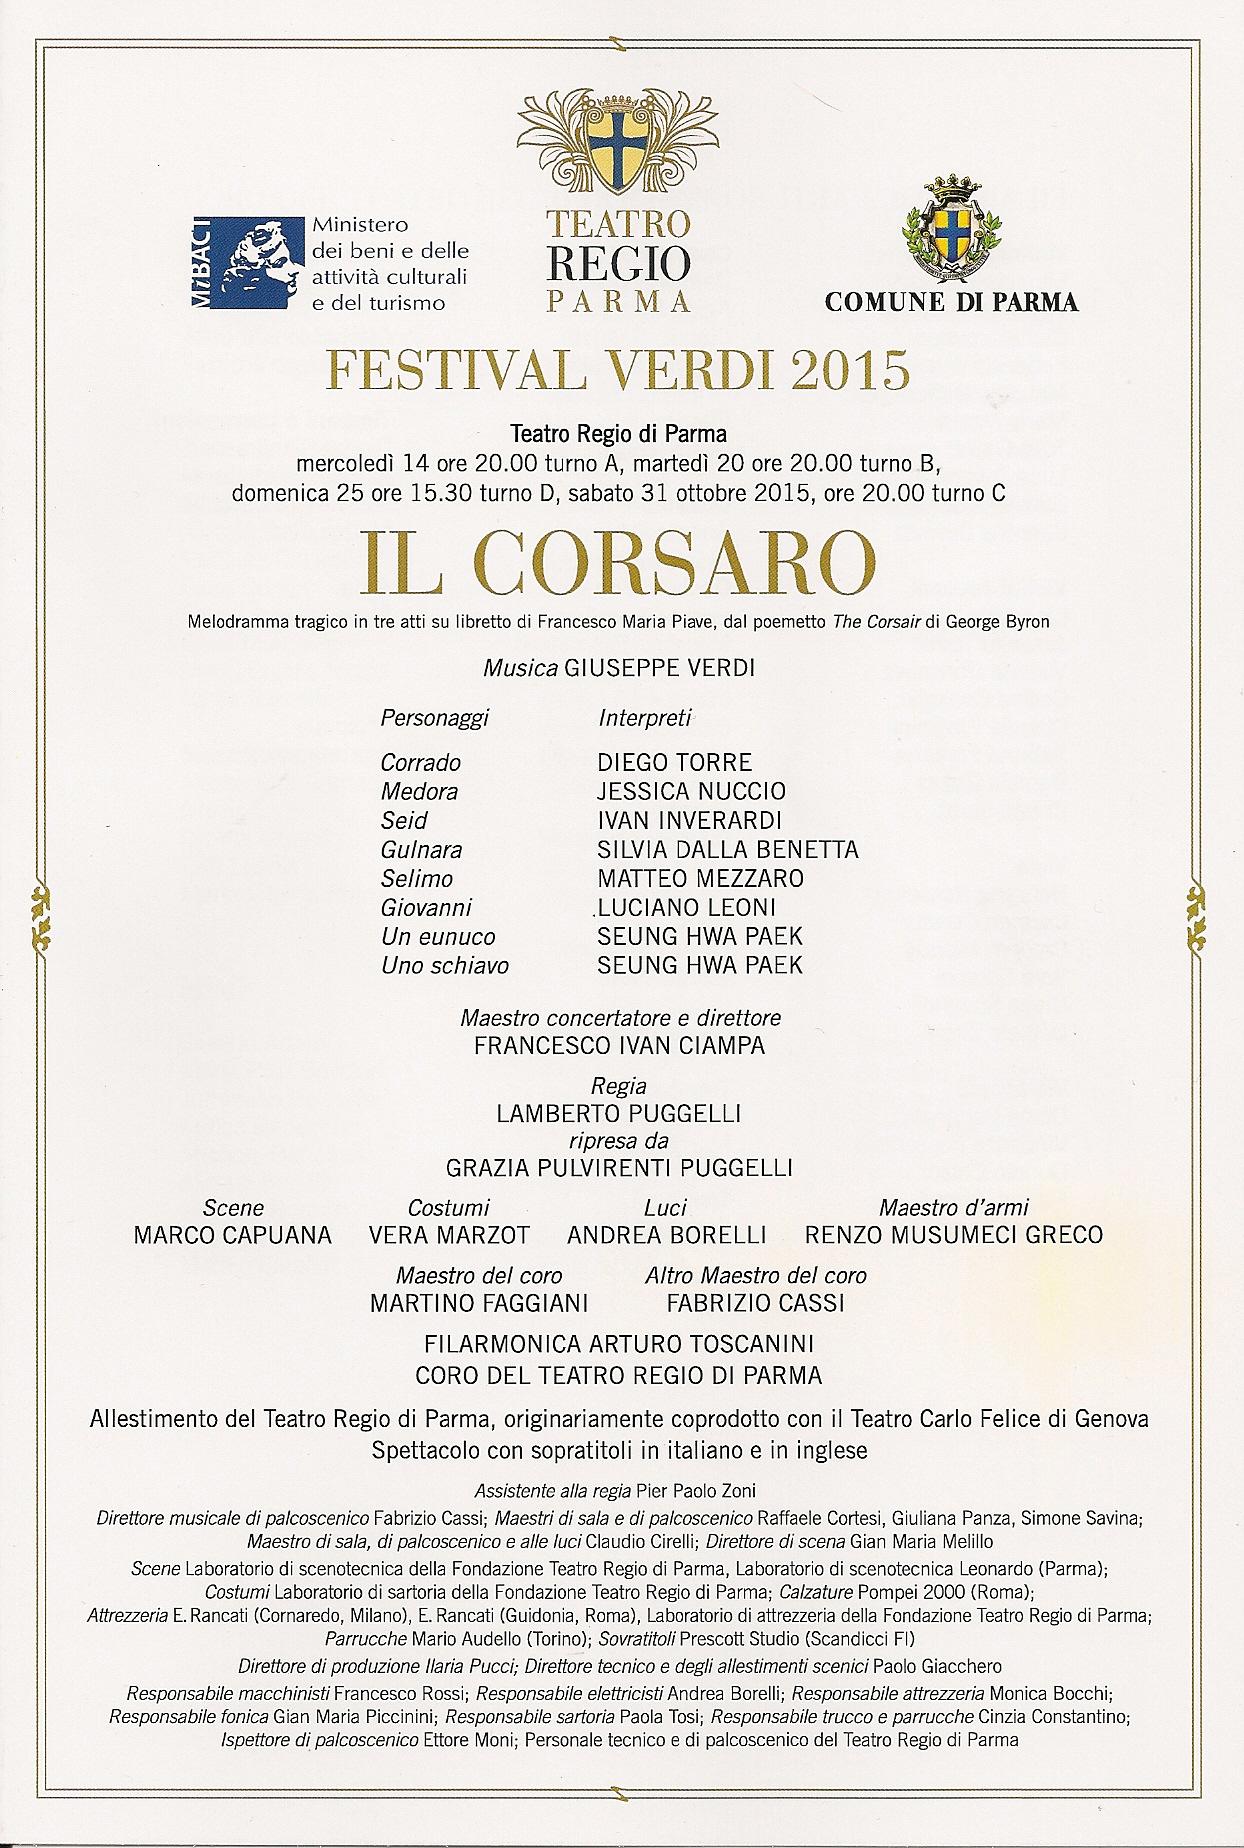 Il Corsaro 14-10-2015 Parma